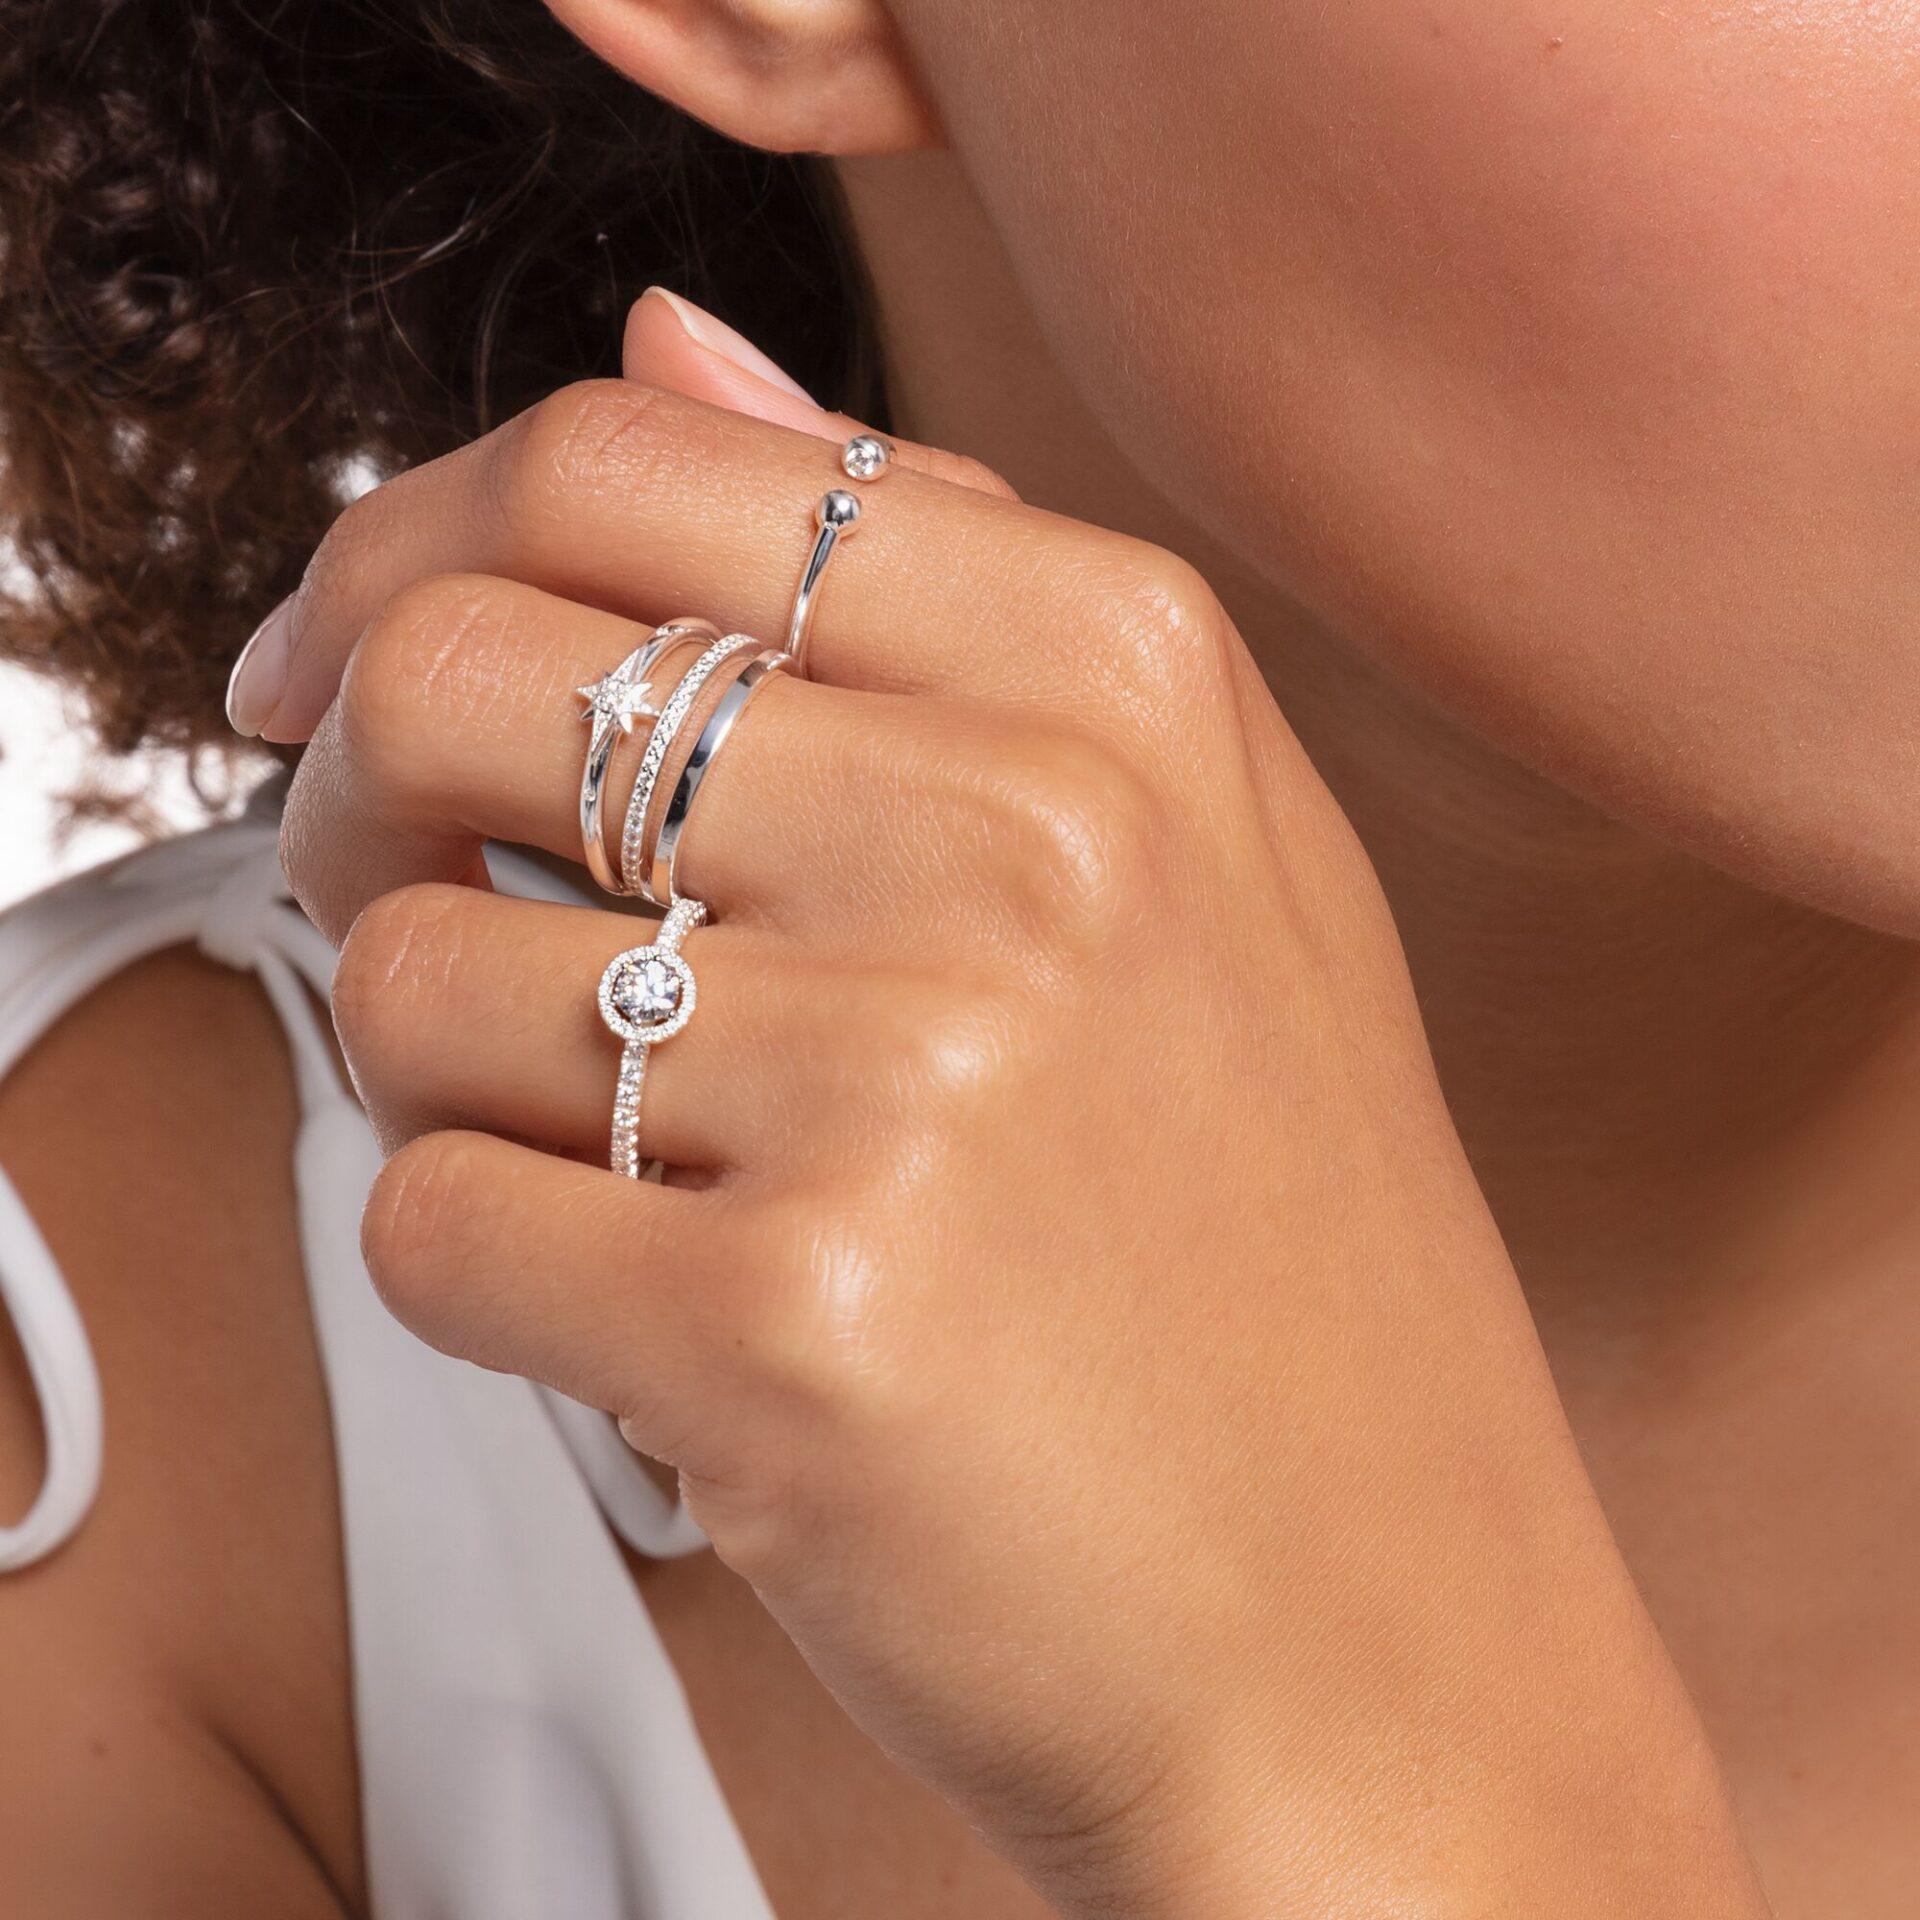 Bague femme double pierres blanches argent, Thomas Sabo